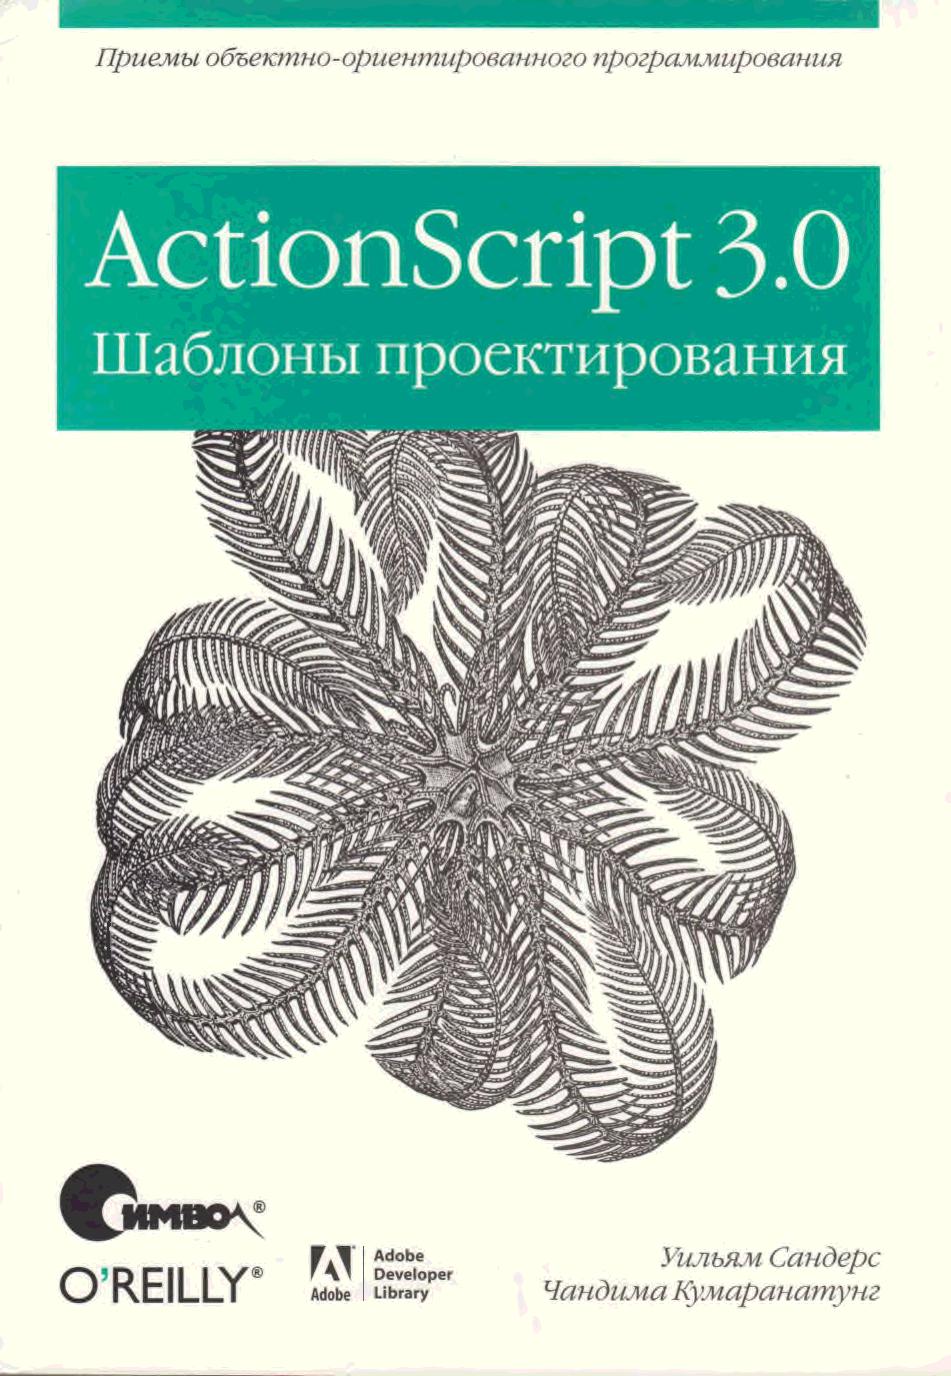 ActionScript 3.0 Шаблоны проектирования – Уильям Сандерс